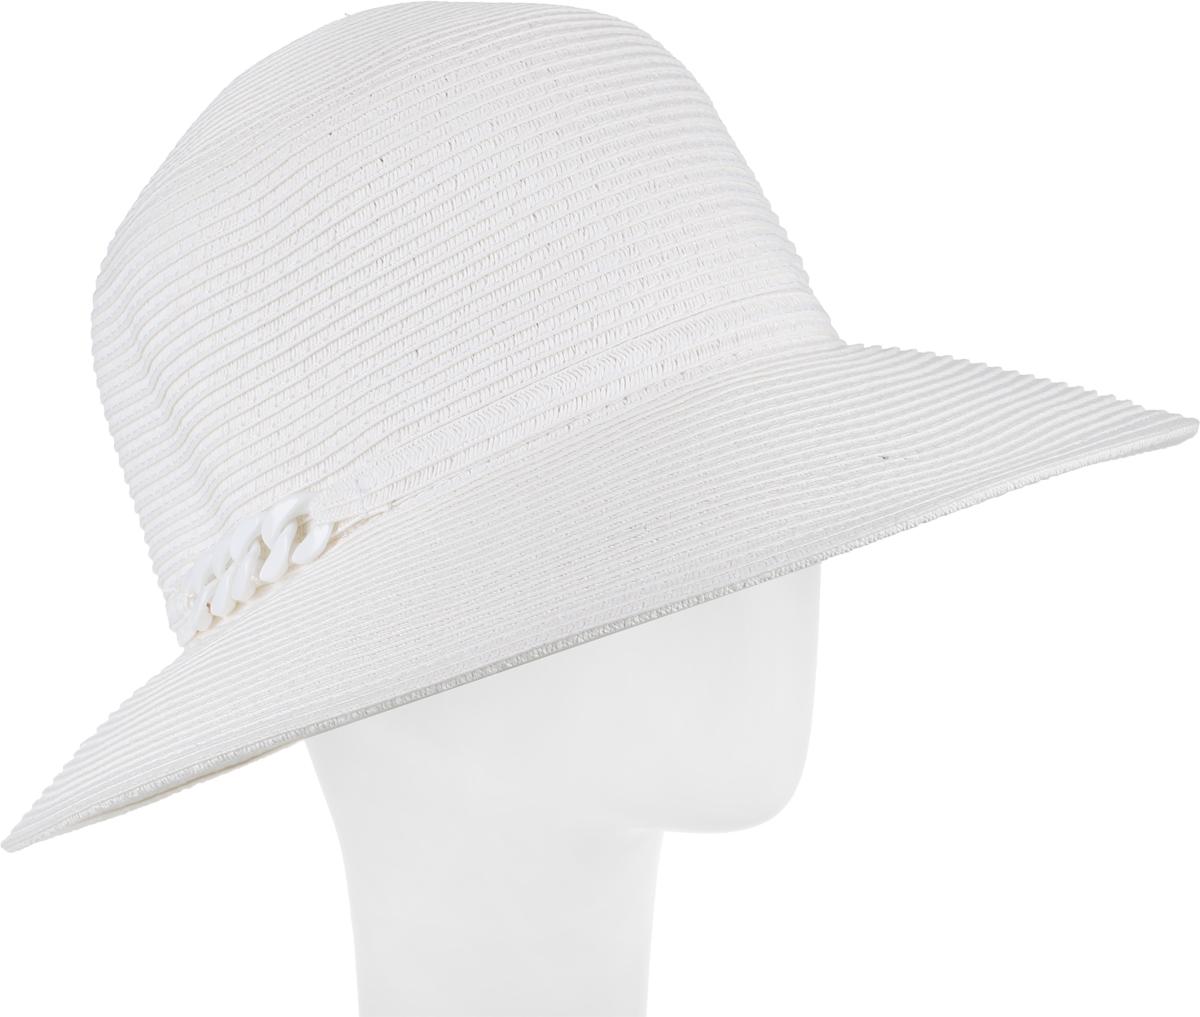 Шляпа женская Fabretti, цвет: белый. G23-4. Размер универсальныйG23-4 WHITEЖенская шляпа Fabretti изготовлена из качественной целлюлозы. Модель оформлена кантом с крупной цепочкой из блестящего пластика. Стильная шляпа для пляжного отдыха и прогулок в солнечные дни.